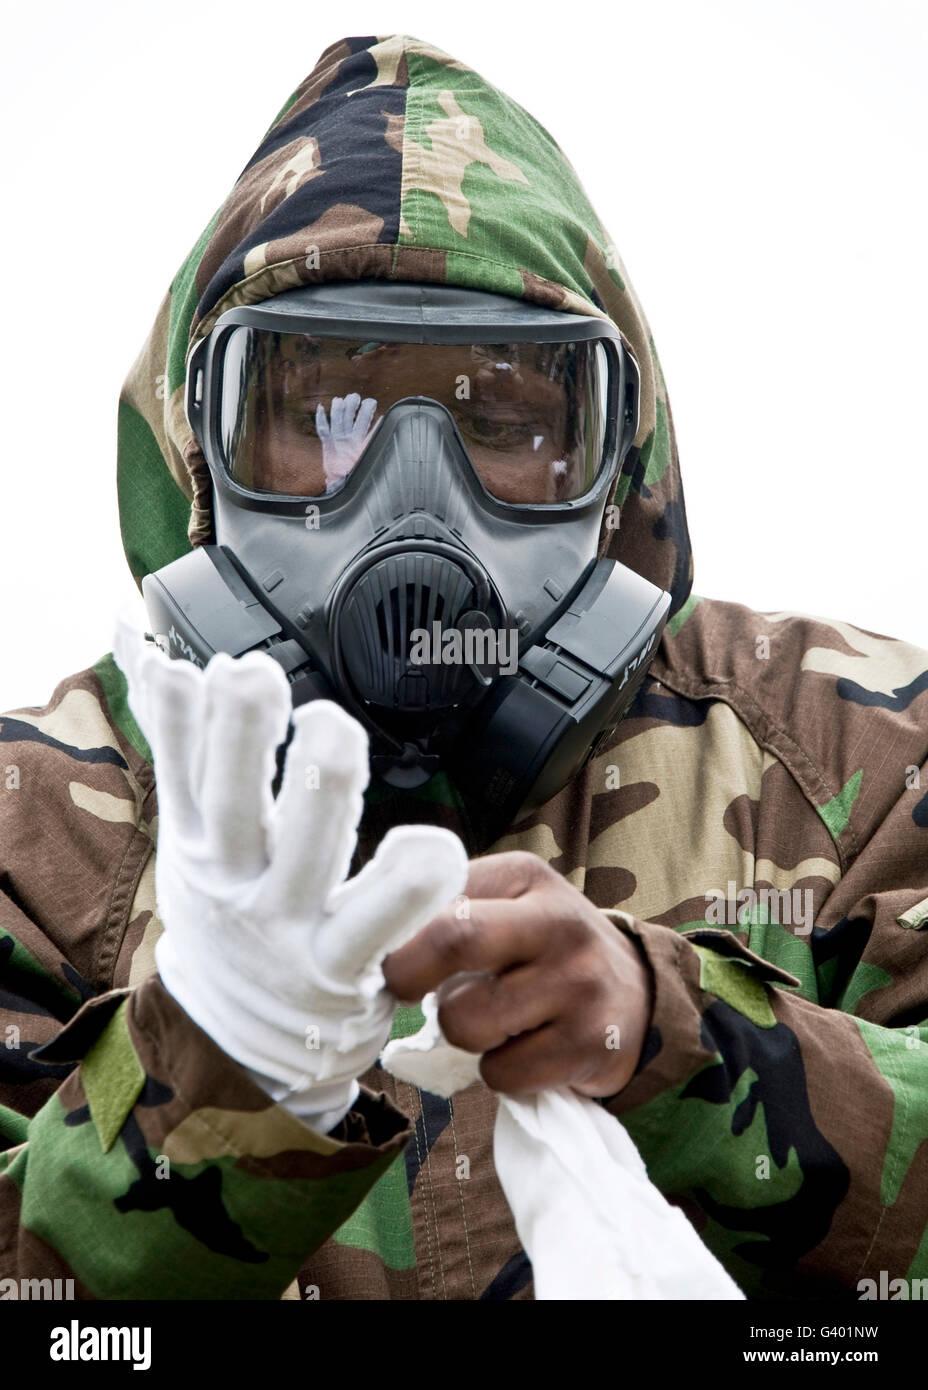 Ein Flieger setzt auf chemische Schutzkleidung. Stockbild